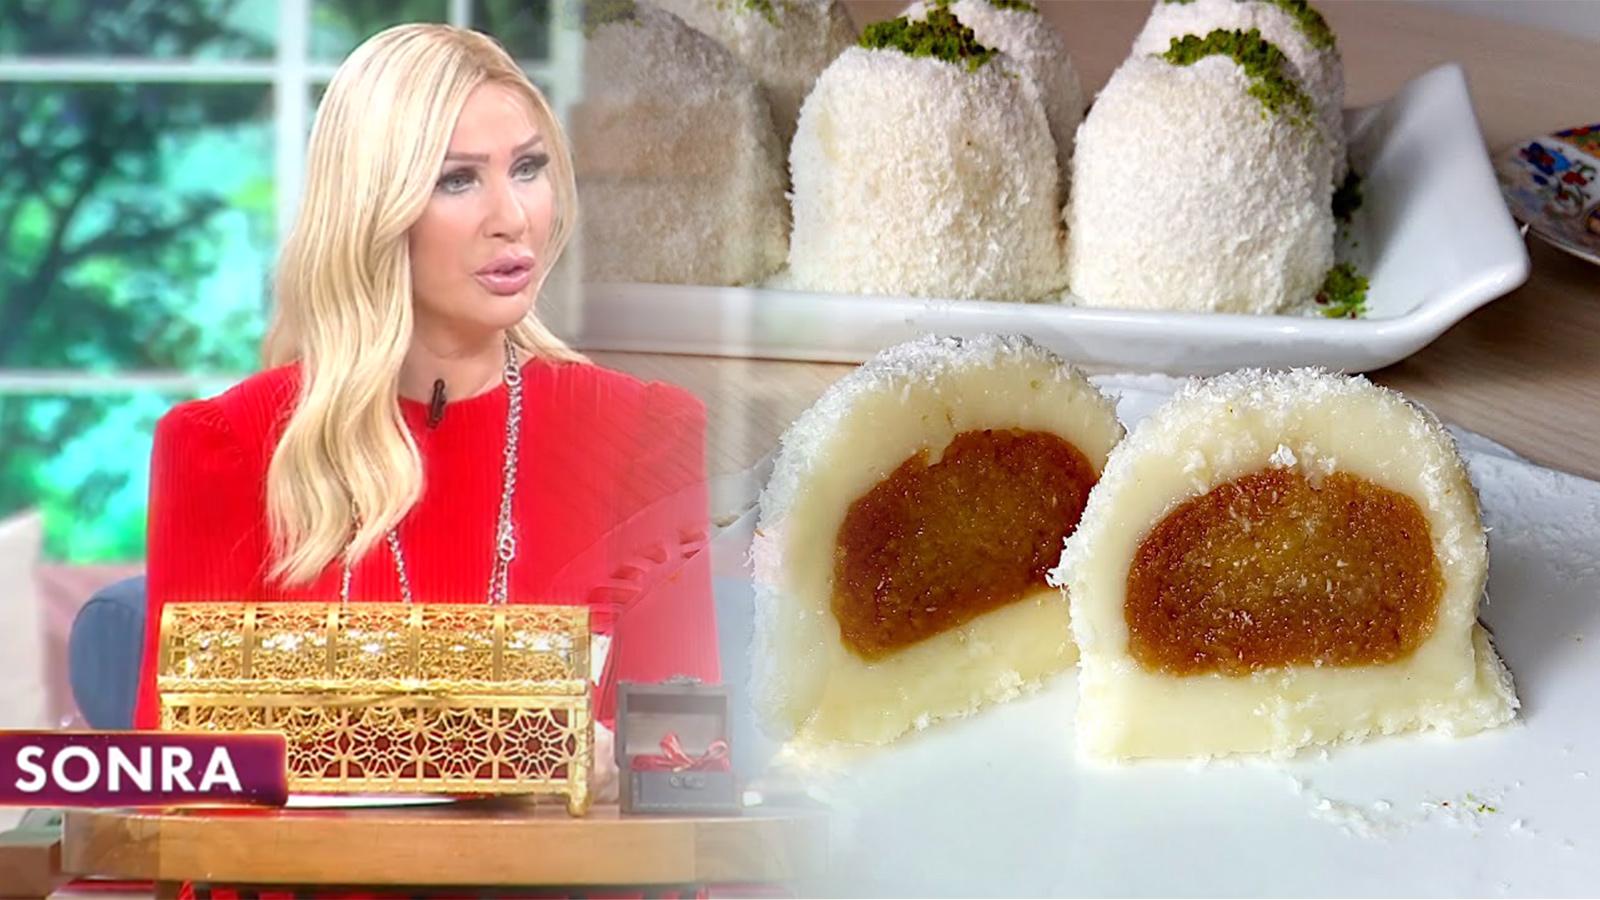 Gelinim Mutfakta Kemal Paşalı Fincan tatlısı tarifi | Kemal Paşalı Fincan tatlısı nasıl yapılır? Malzemeleri nelerdir?